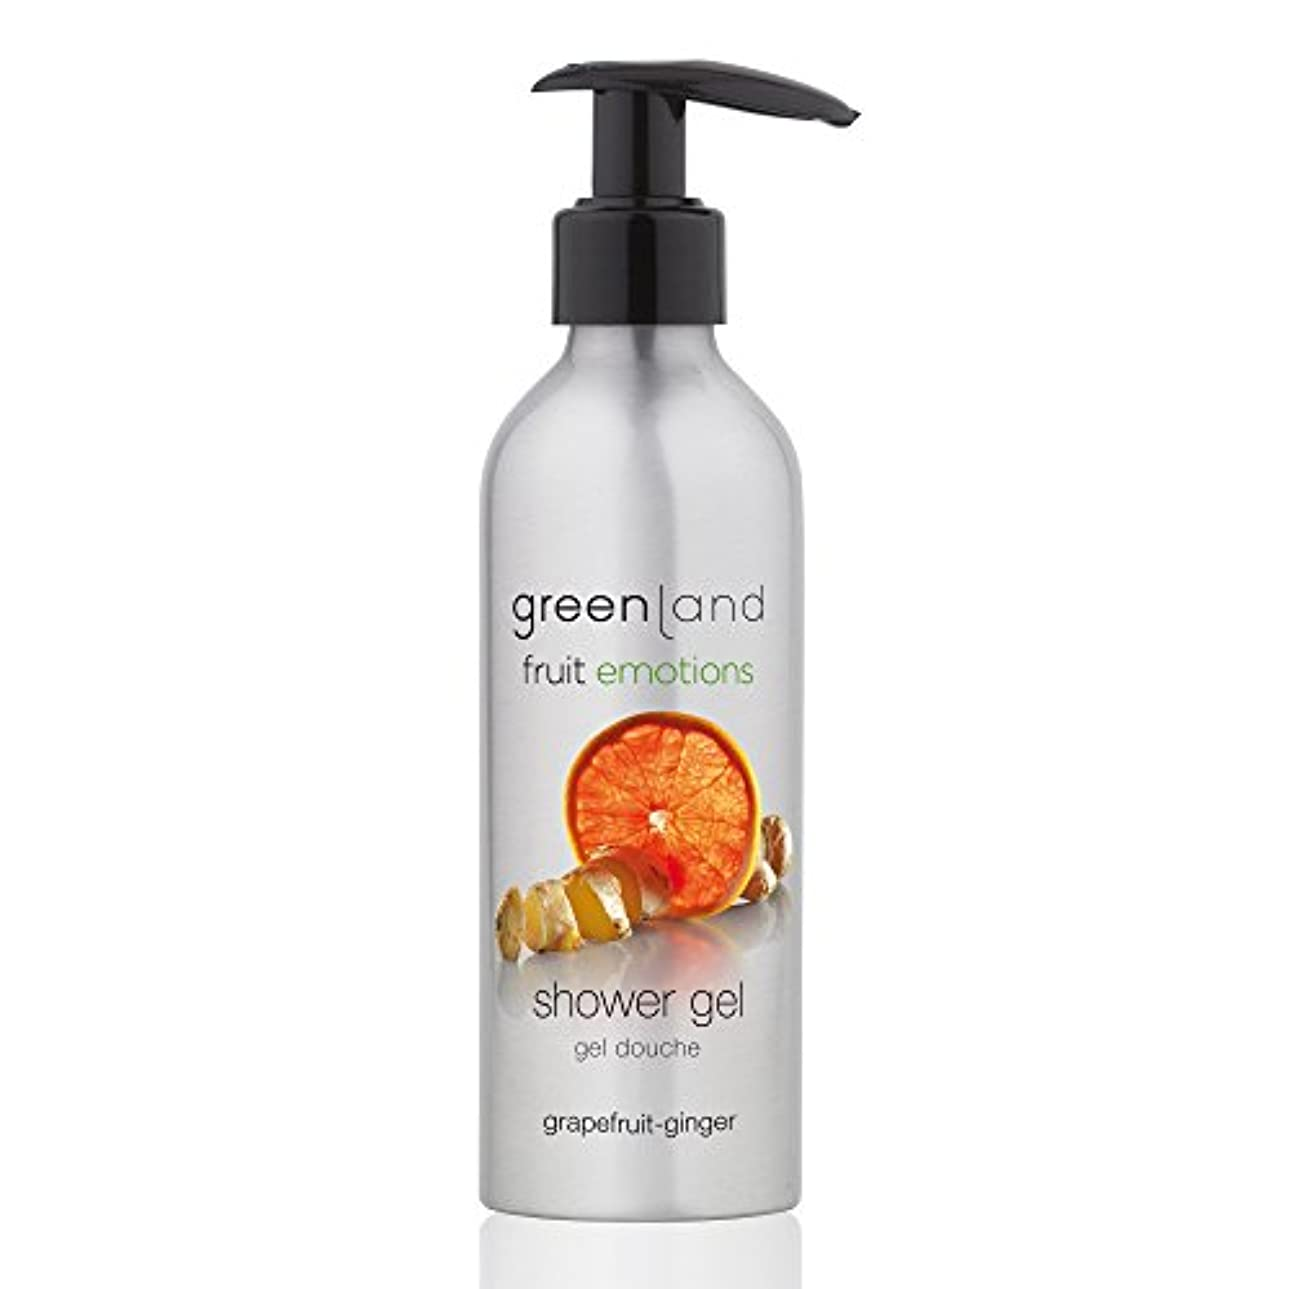 彼女は廃棄する提供するgreenland [FruitEmotions] シャワージェル 200ml グレープフルーツ&ジンジャー FE0215